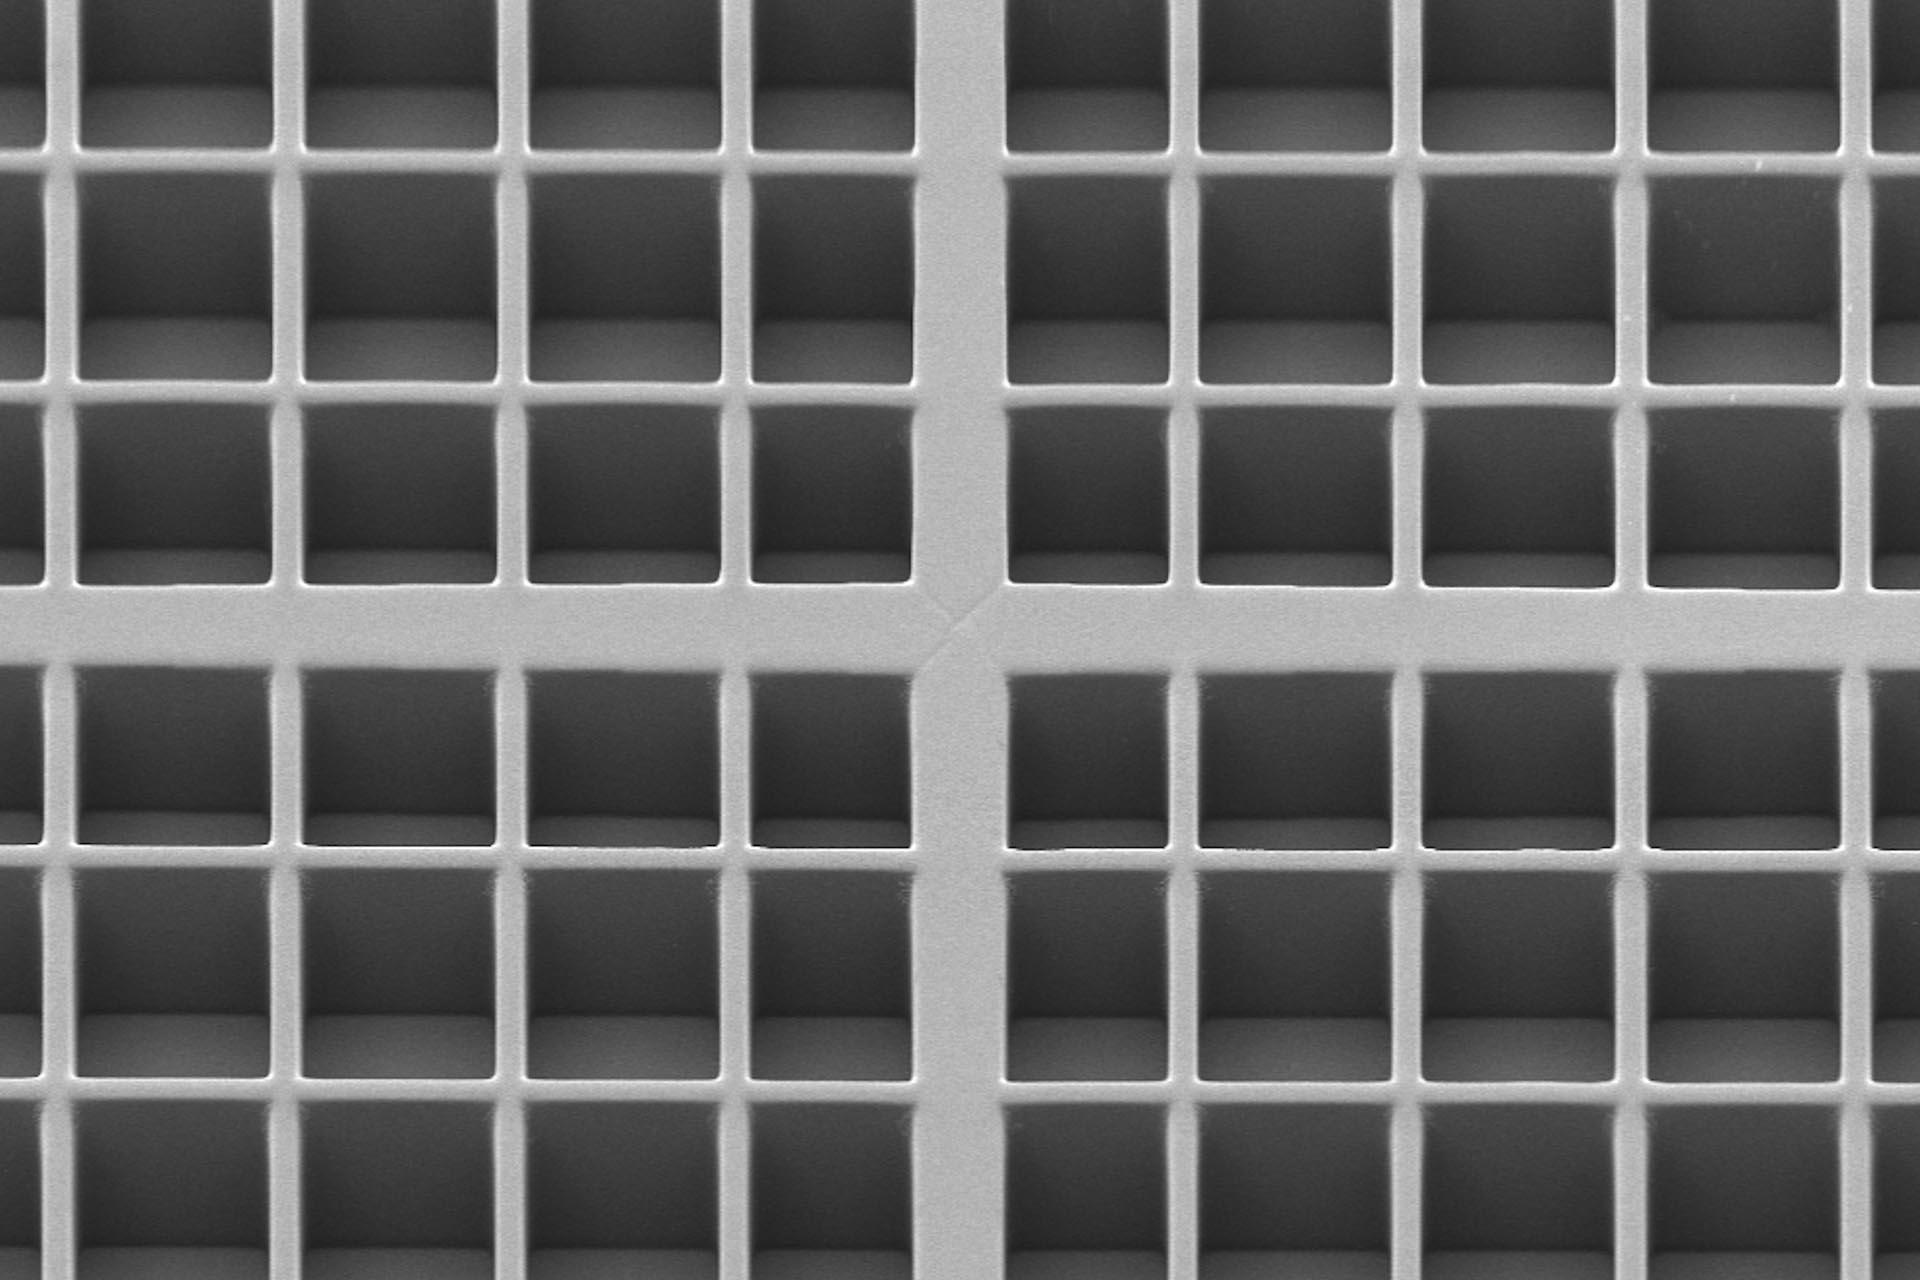 Grid test pattern structured in 25 μm thick SU-8.